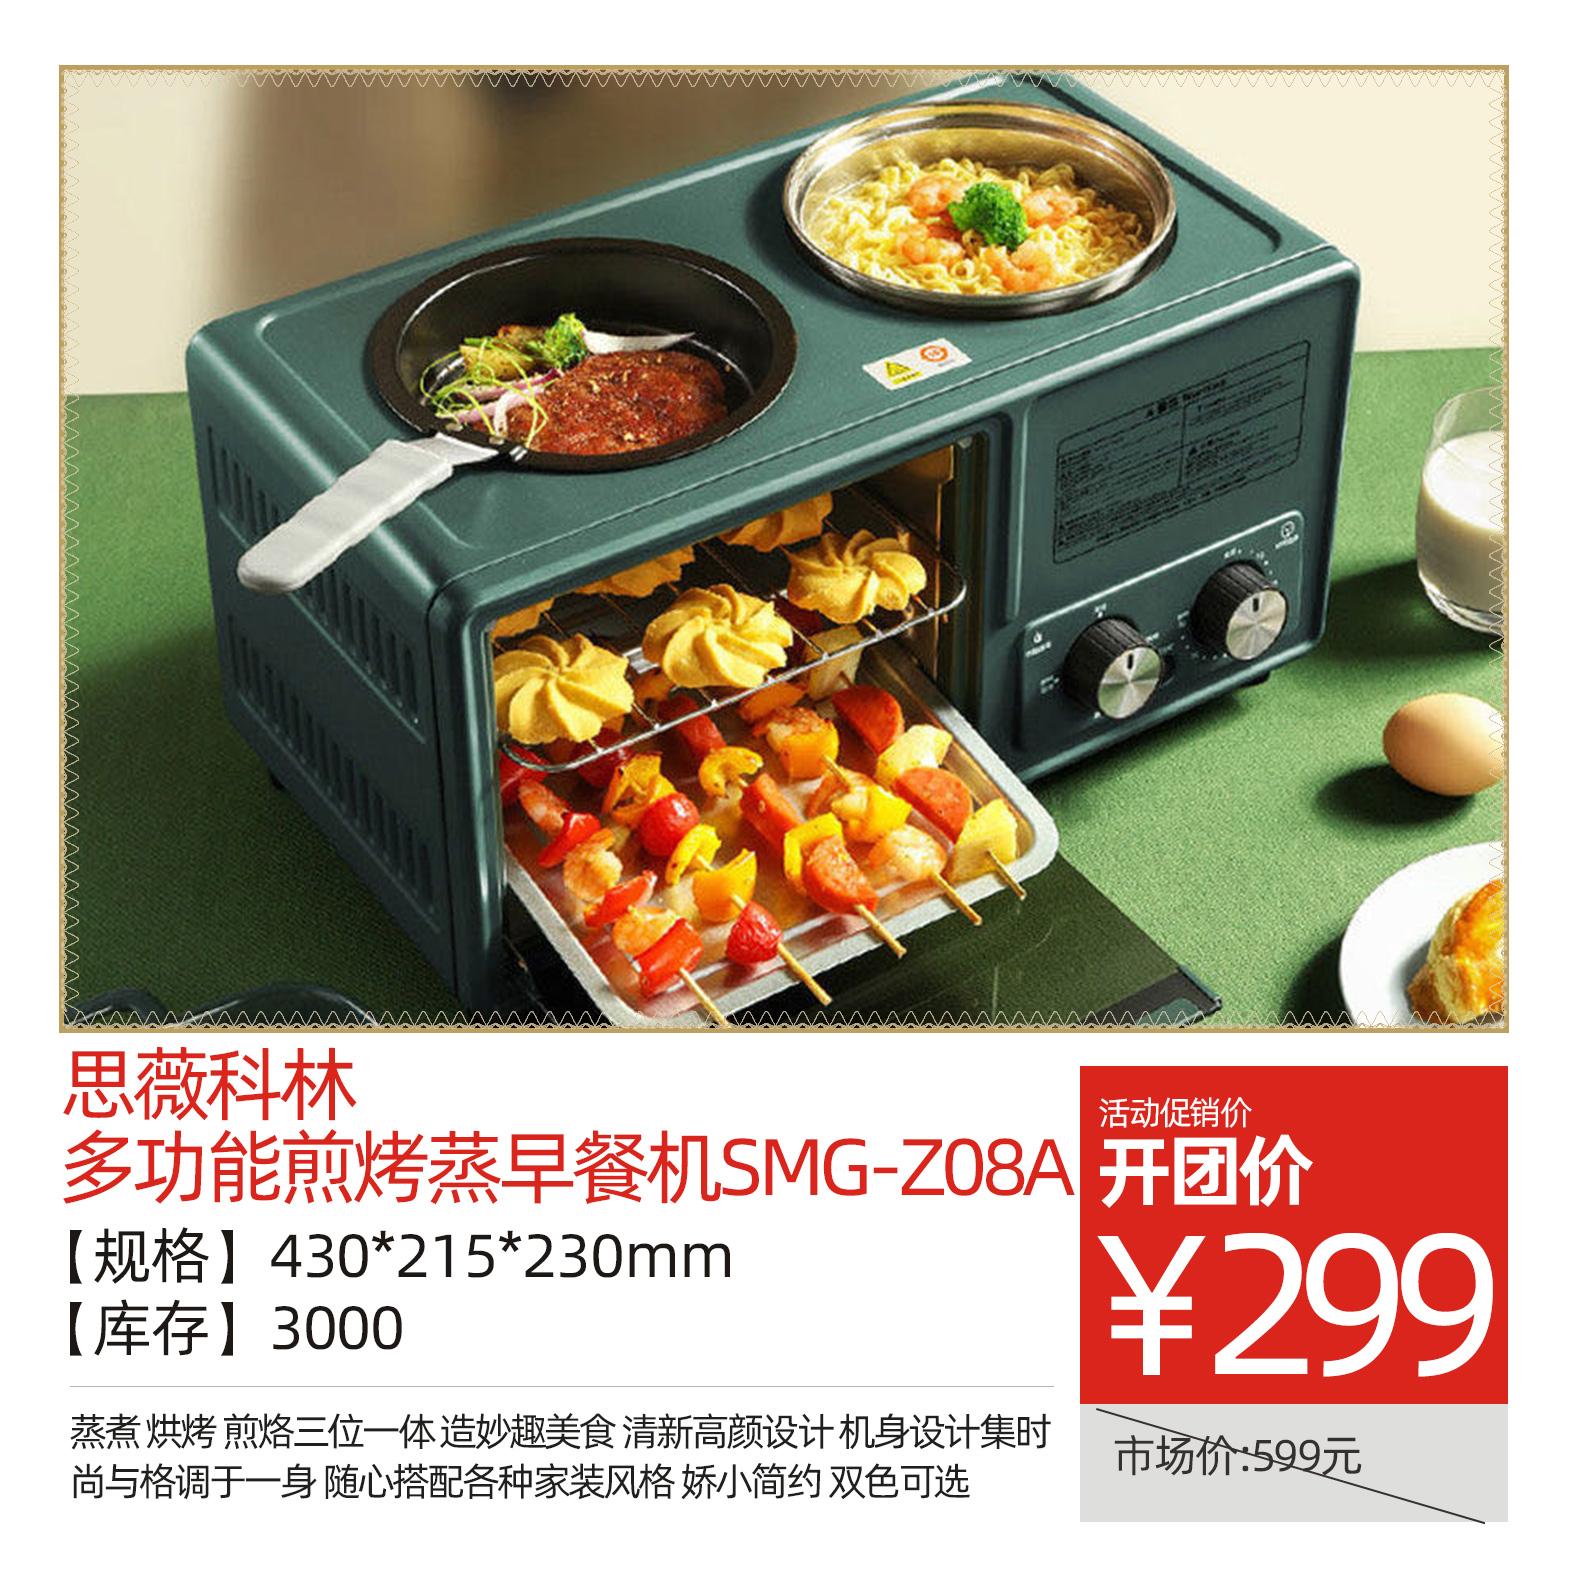 思薇科林多功能煎烤蒸早餐机SMG-Z08A